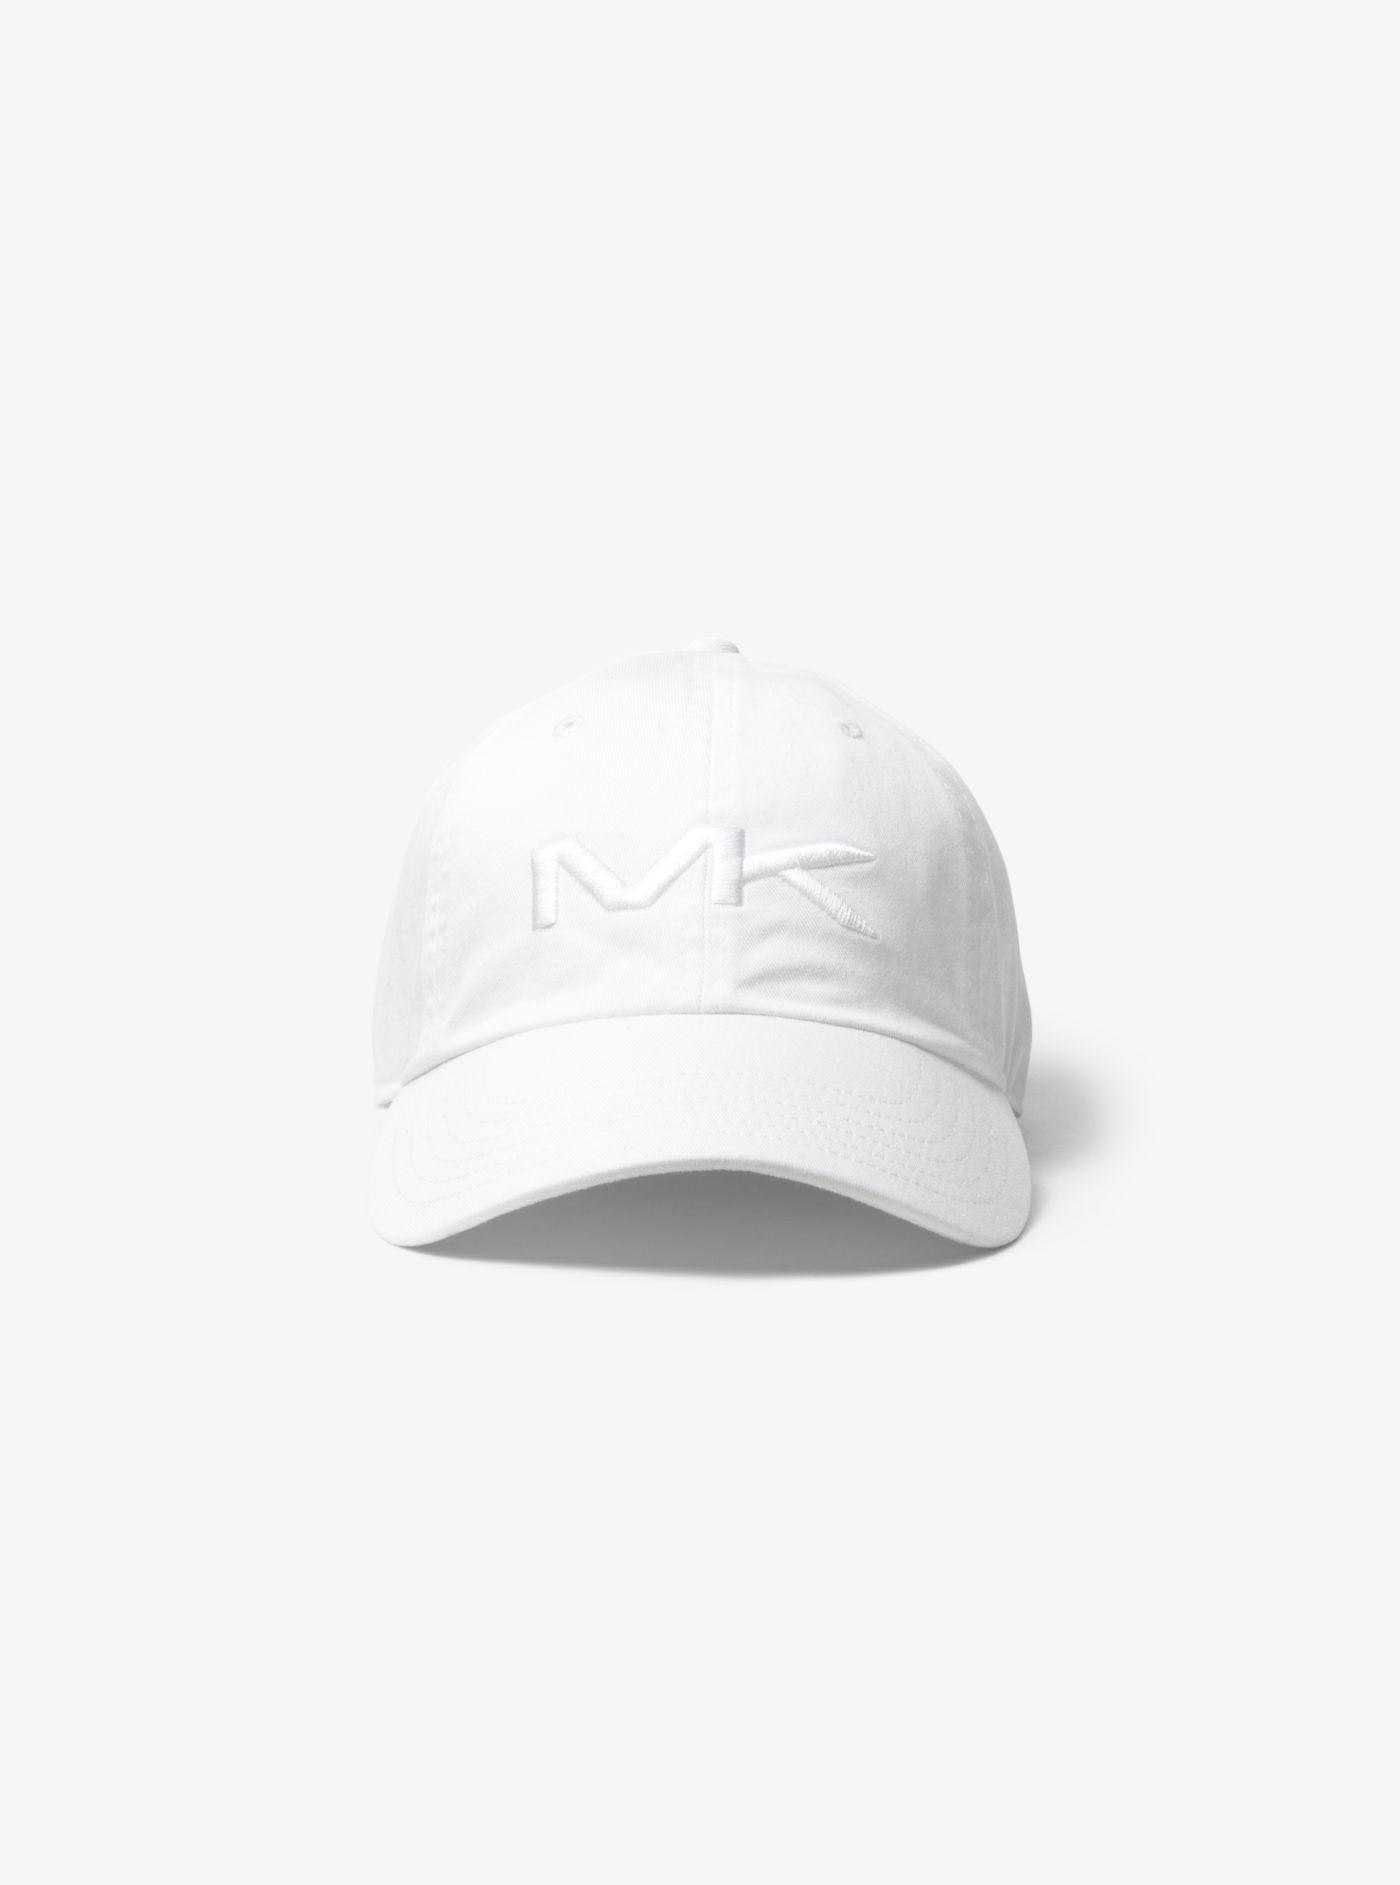 Lyst - Michael Kors Logo Cotton Baseball Hat in White for Men 696caa7b9404